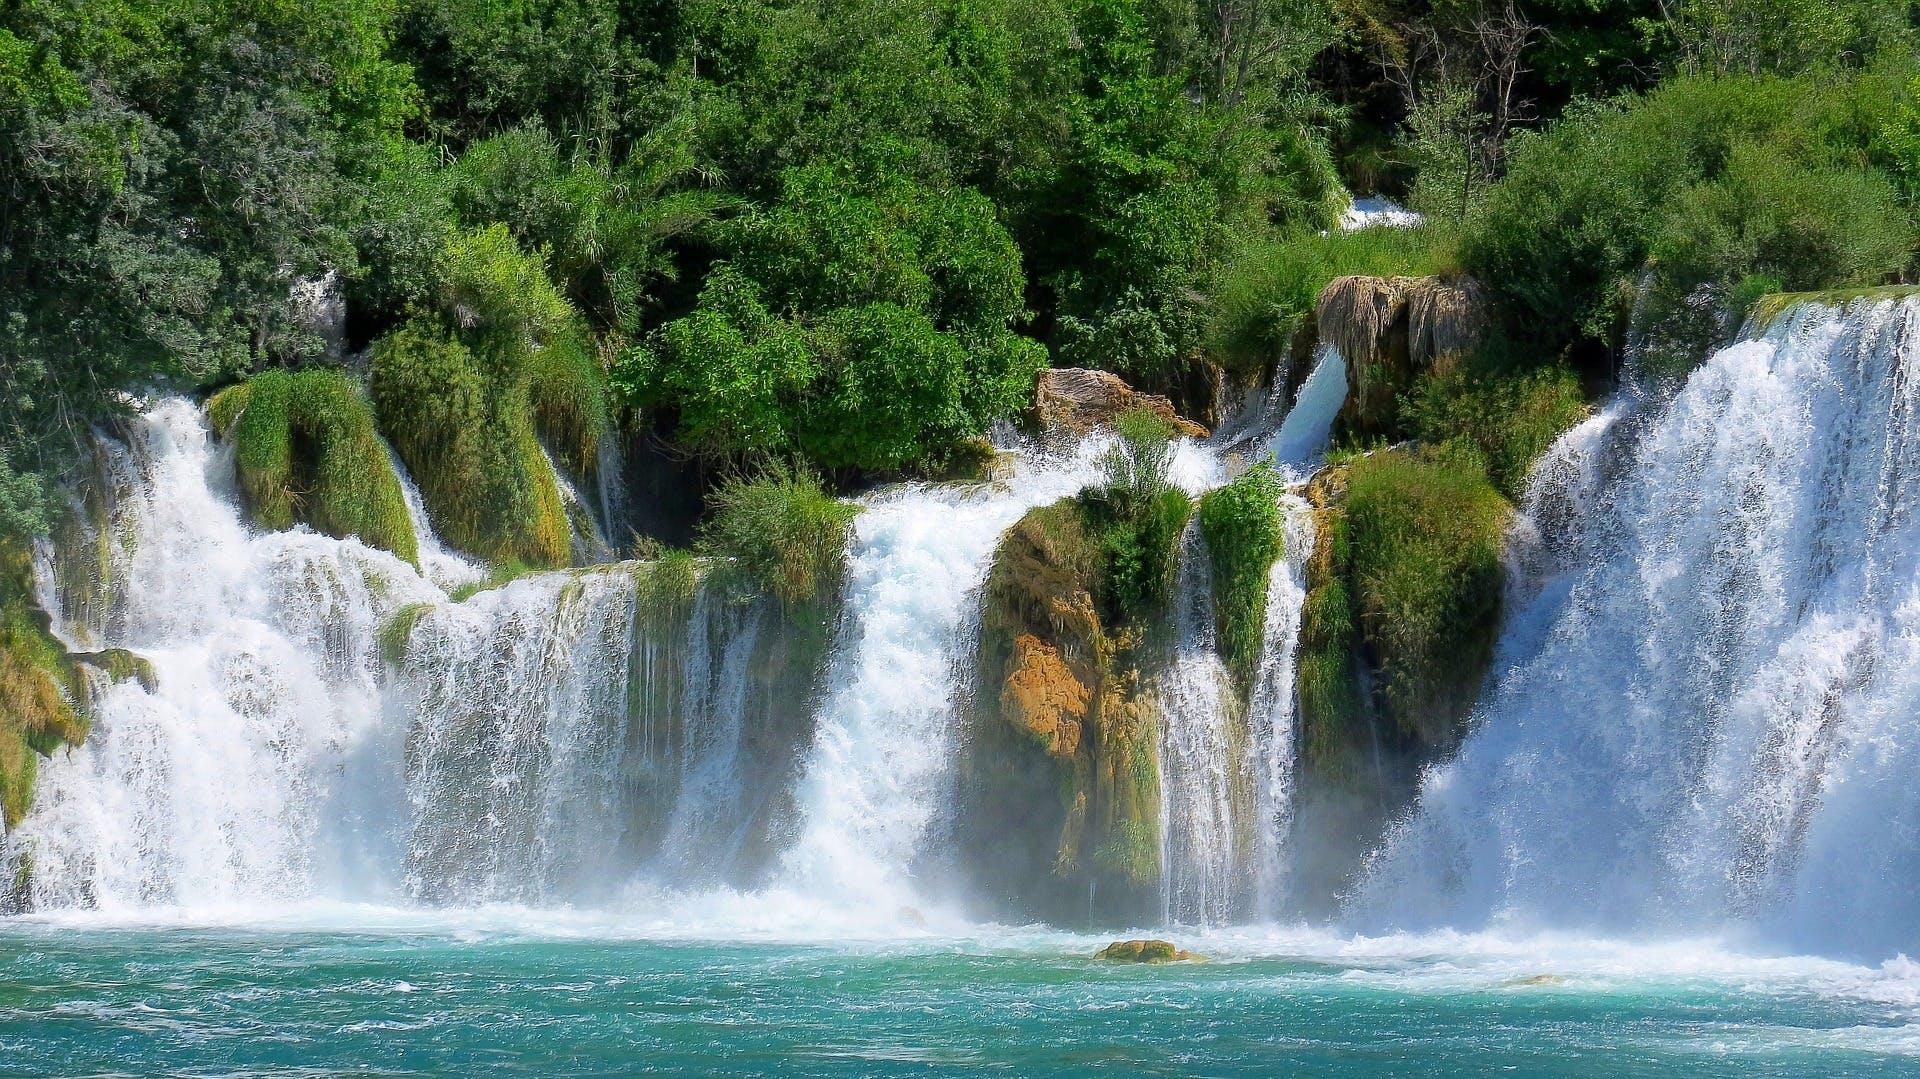 Ver la ciudad,Actividades,Visitas en barco o acuáticas,Actividades acuáticas,Excursión a Krka